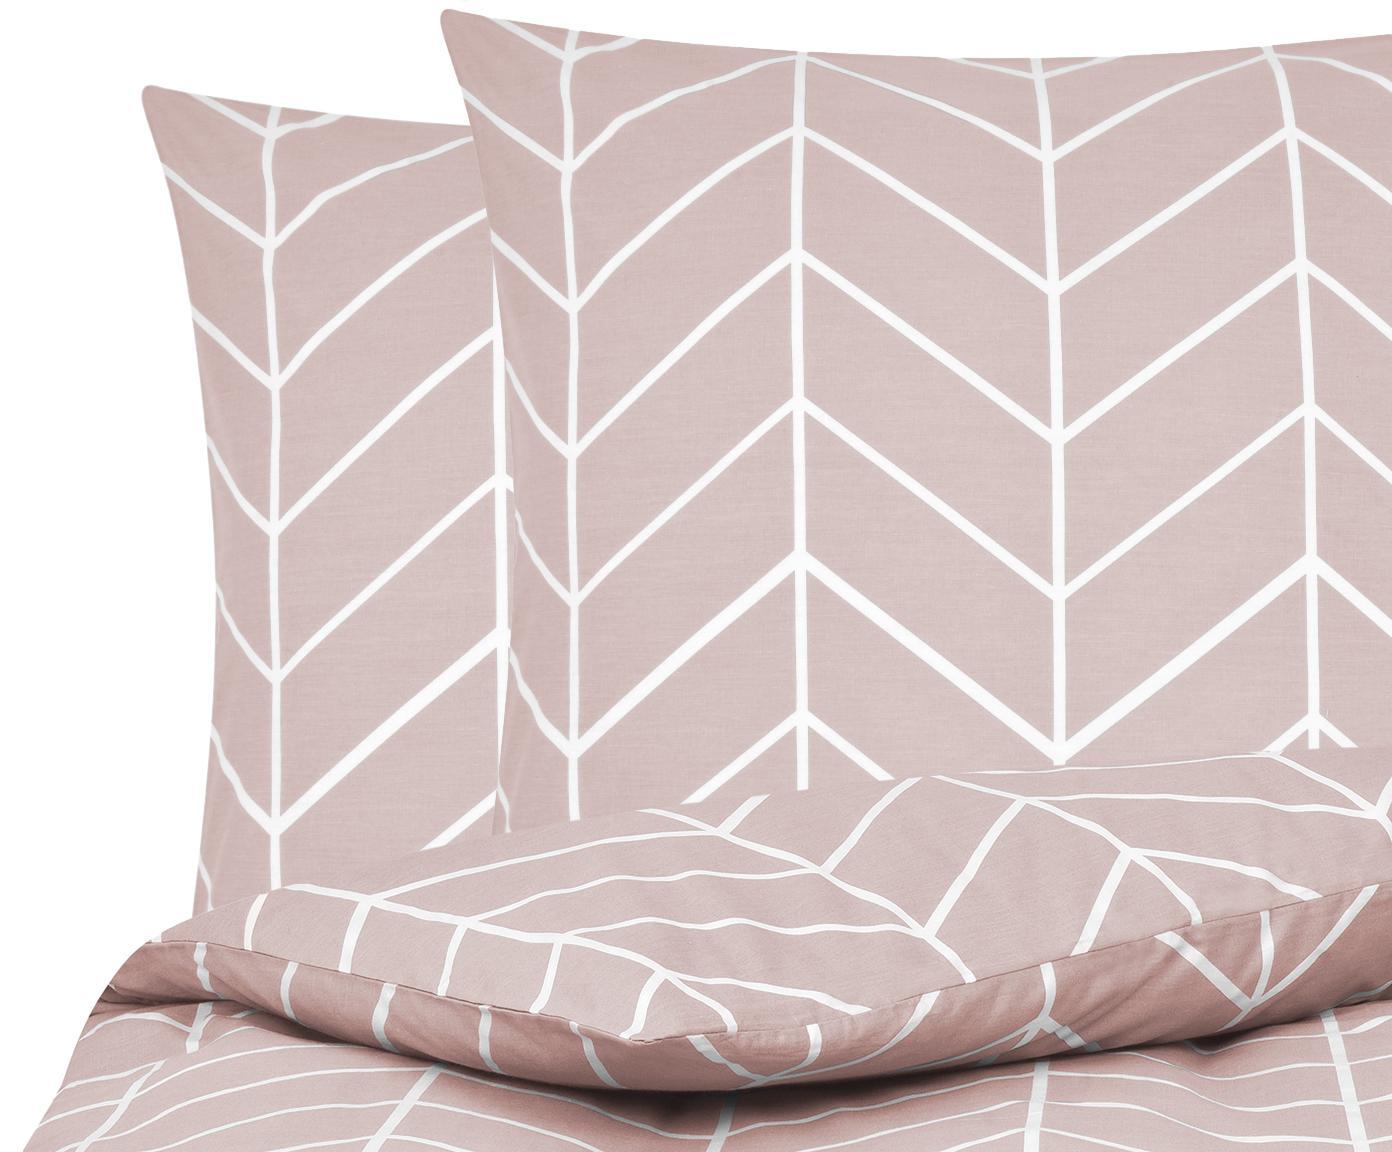 Baumwoll-Bettwäsche Mirja mit grafischem Muster, Webart: Renforcé Fadendichte 144 , Altrosa, Cremeweiß, 200 x 200 cm + 2 Kissen 80 x 80 cm